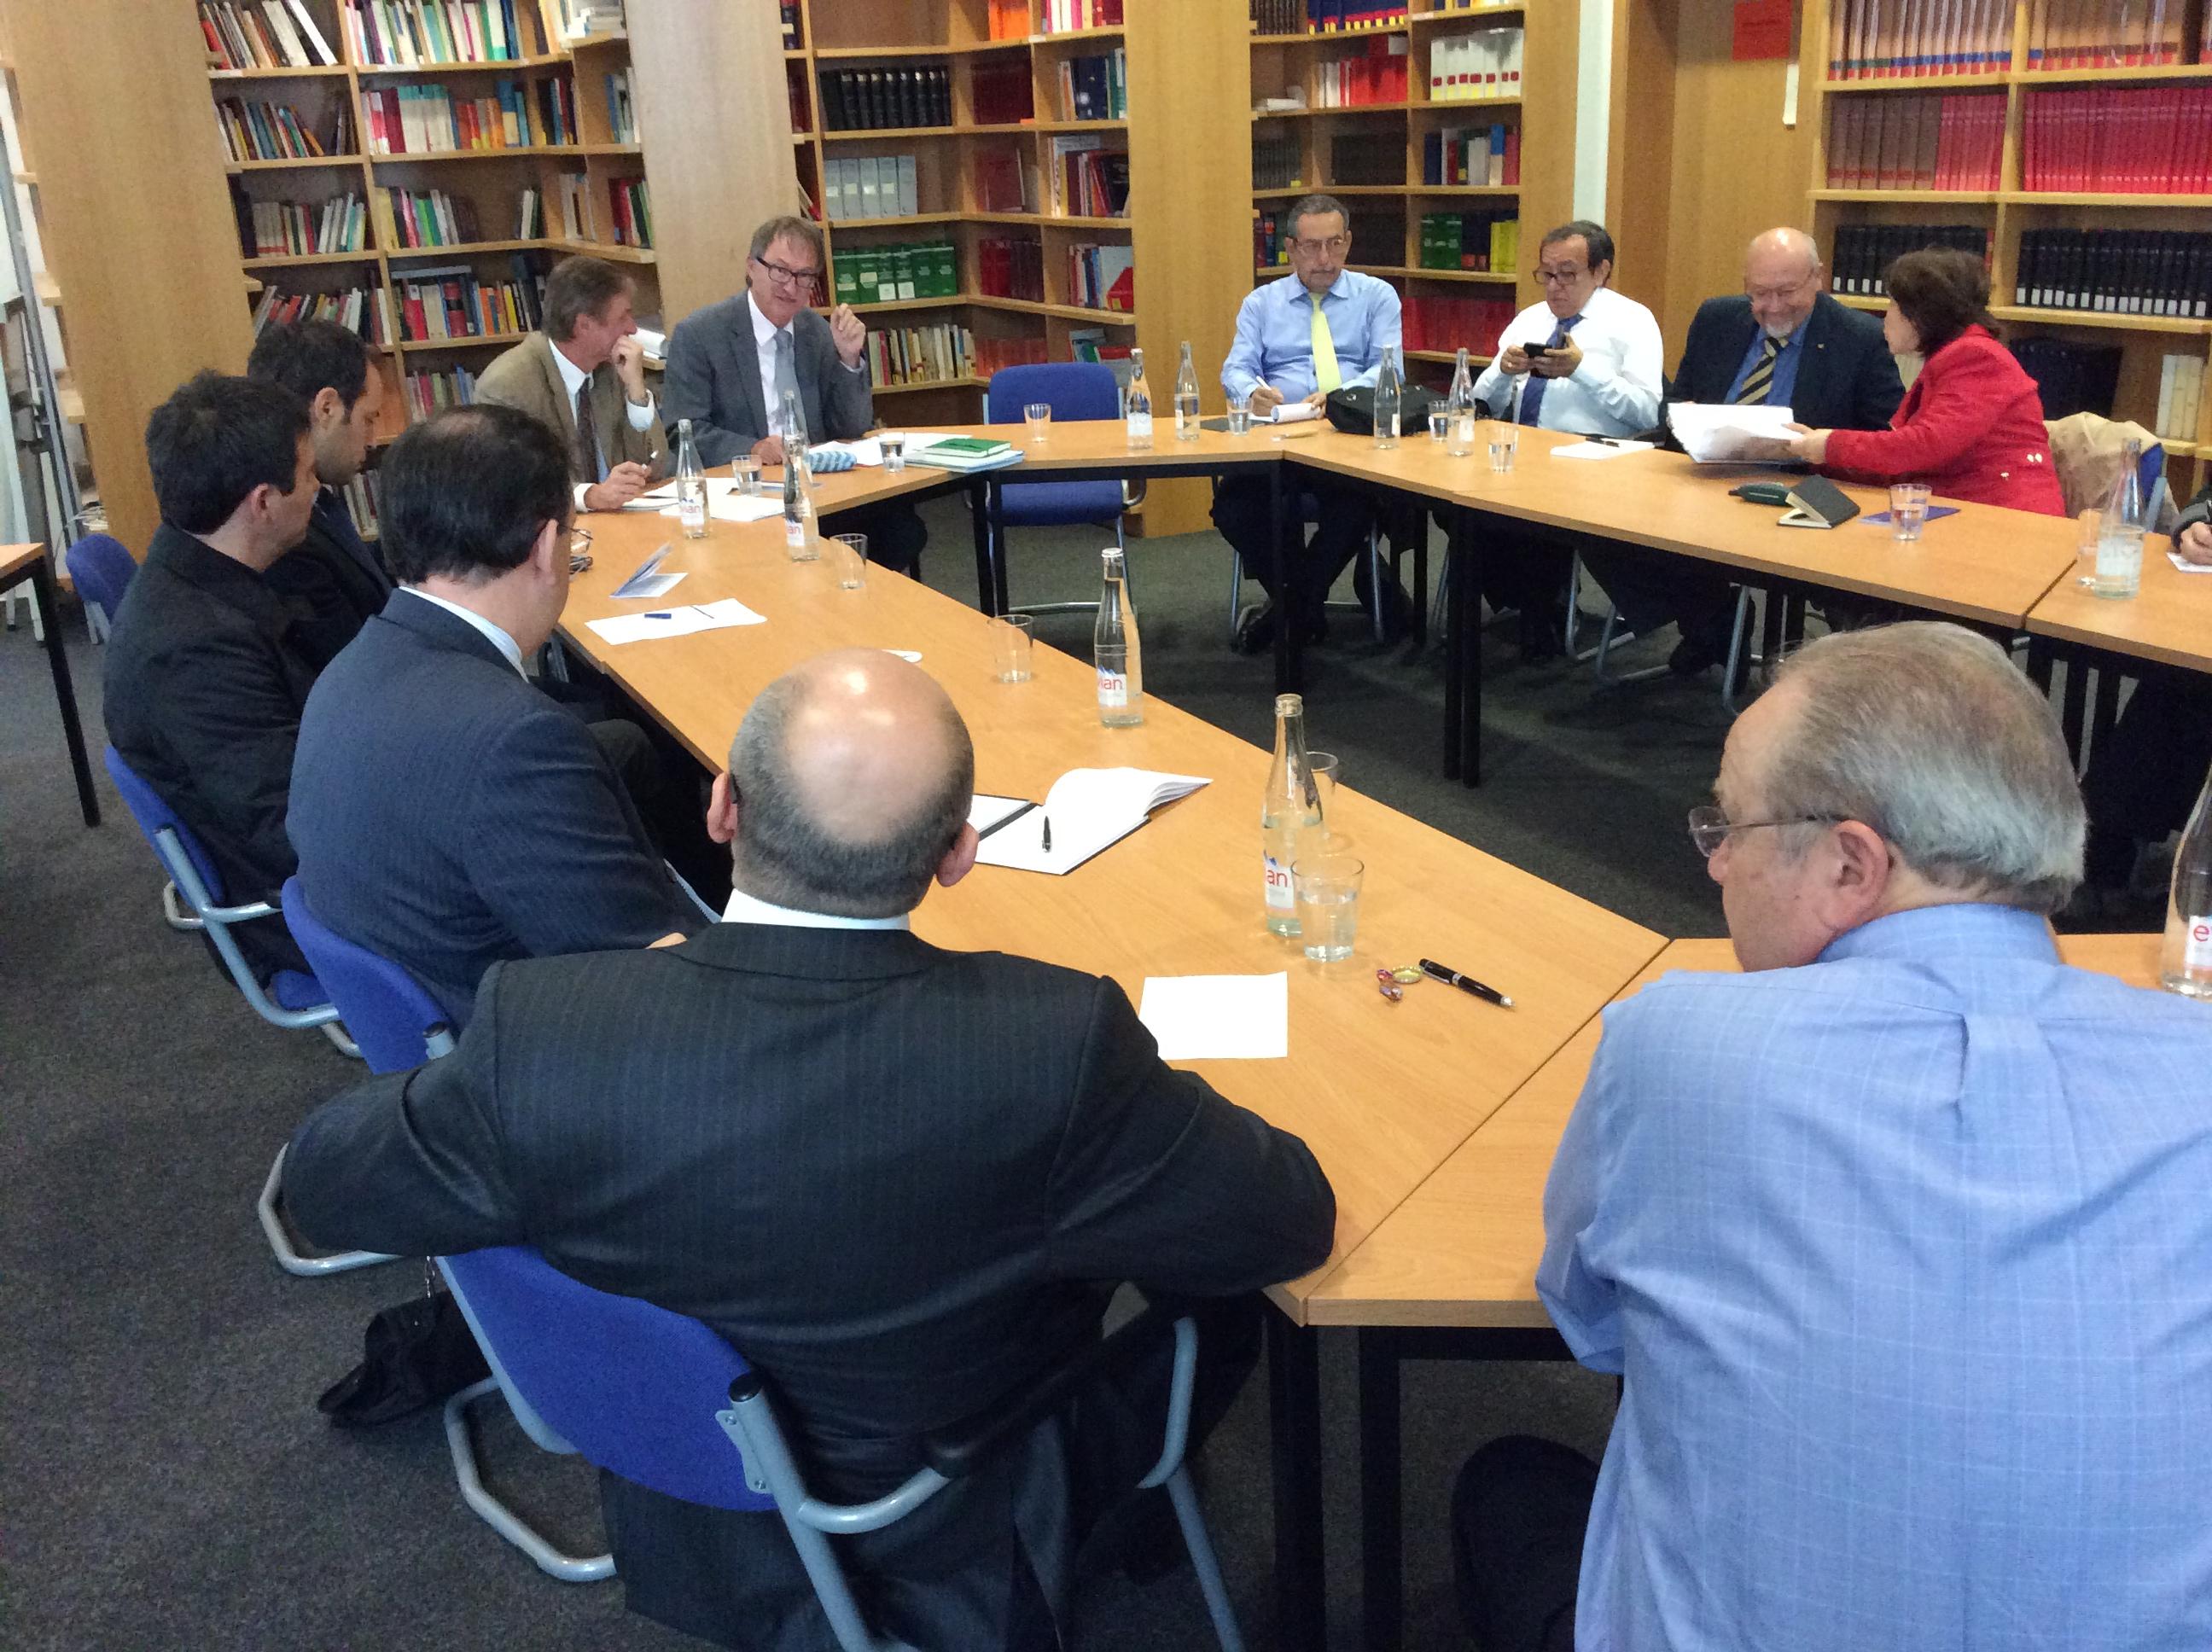 Oktober 2014 ein Seminar zur Aufarbeitung von Systemunrecht in der  Bundesrepublik gehalten. Die Gäste waren hochrangige Juristen aus  Lateinamerika, ...